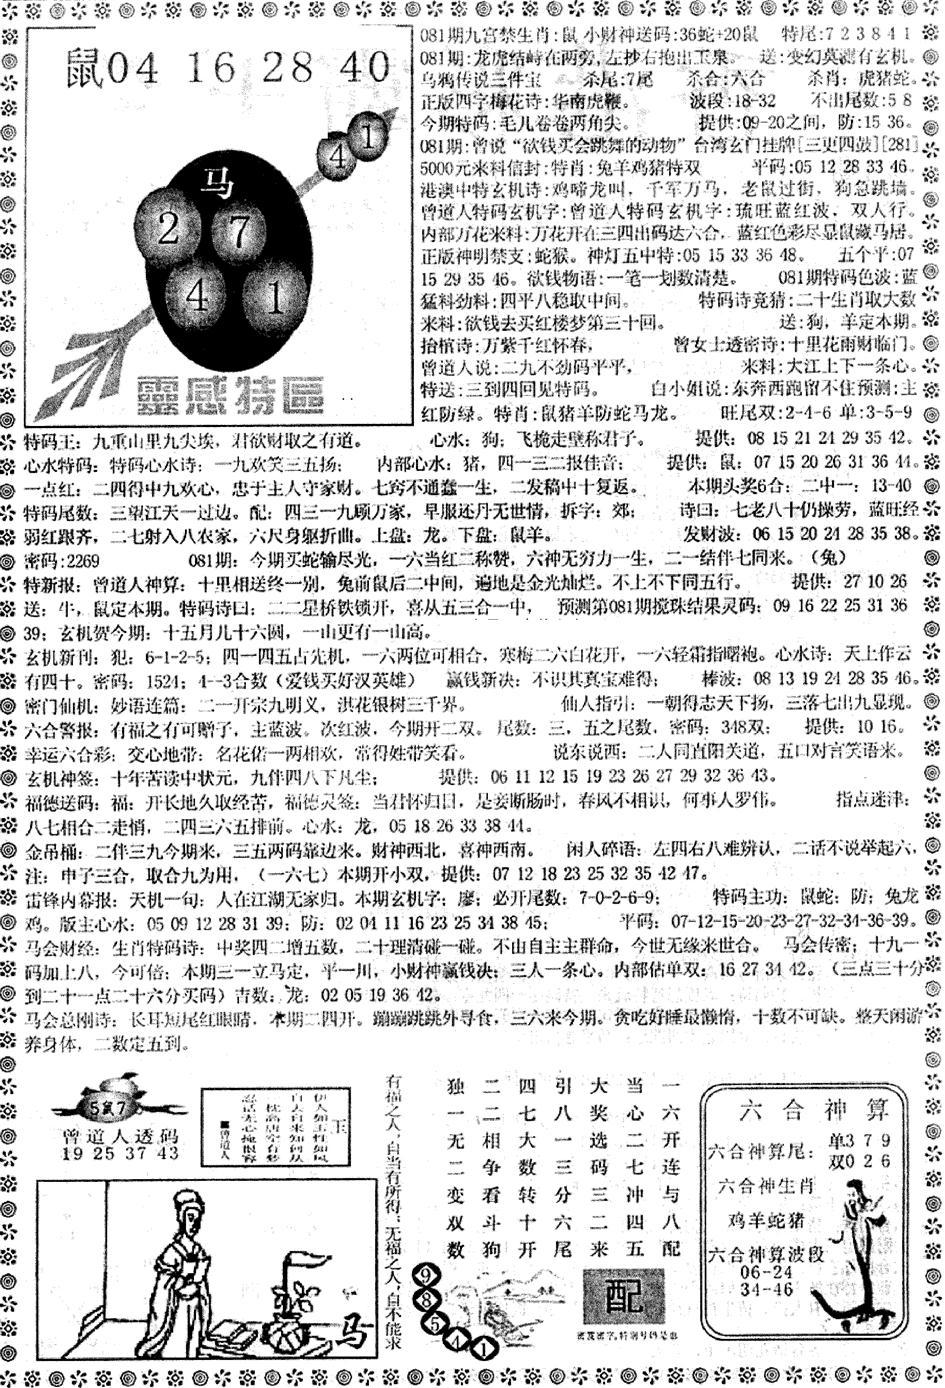 081期平西版彩霸王B(黑白)